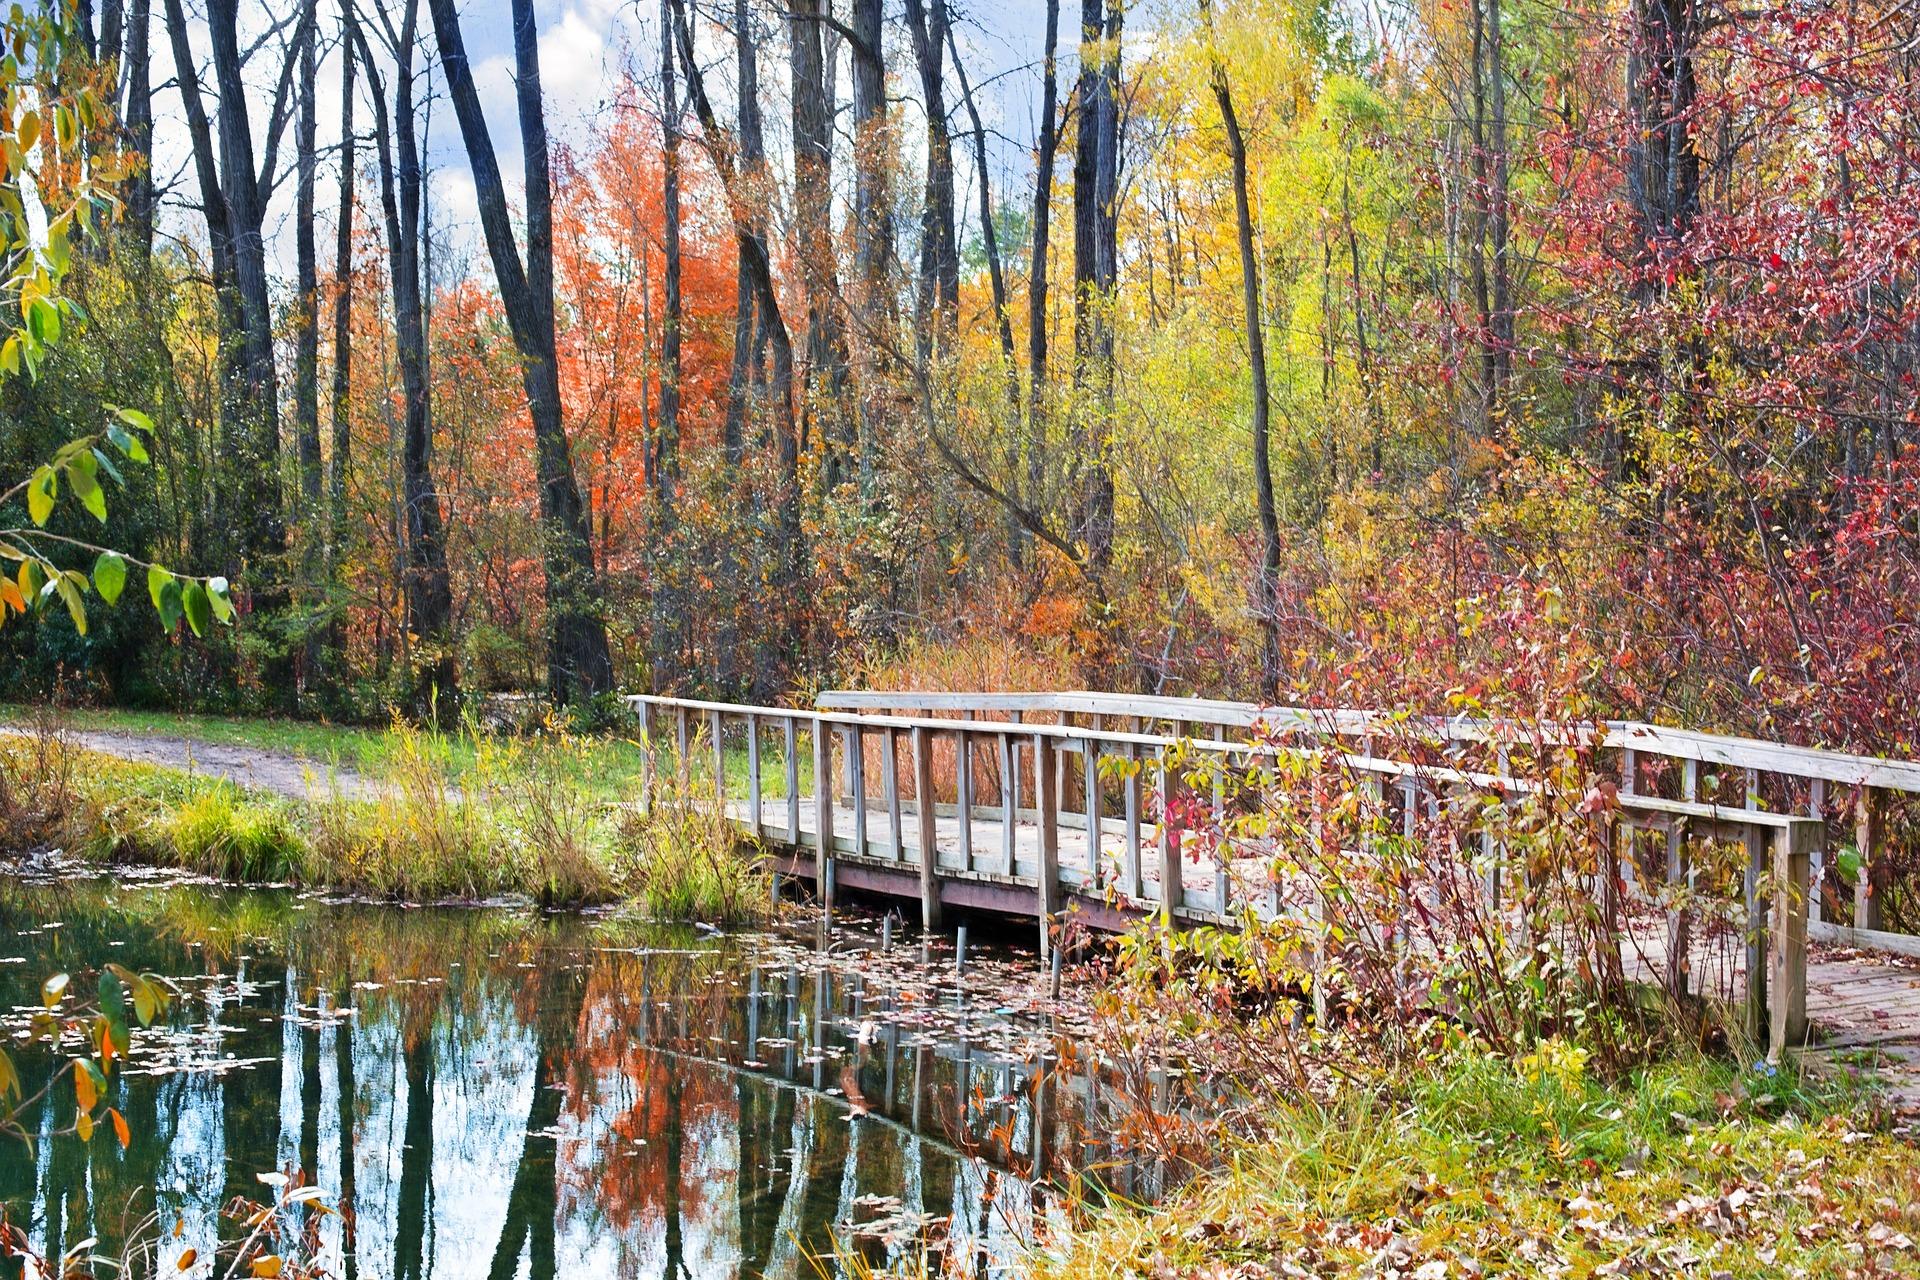 wooden-bridge-986345_1920